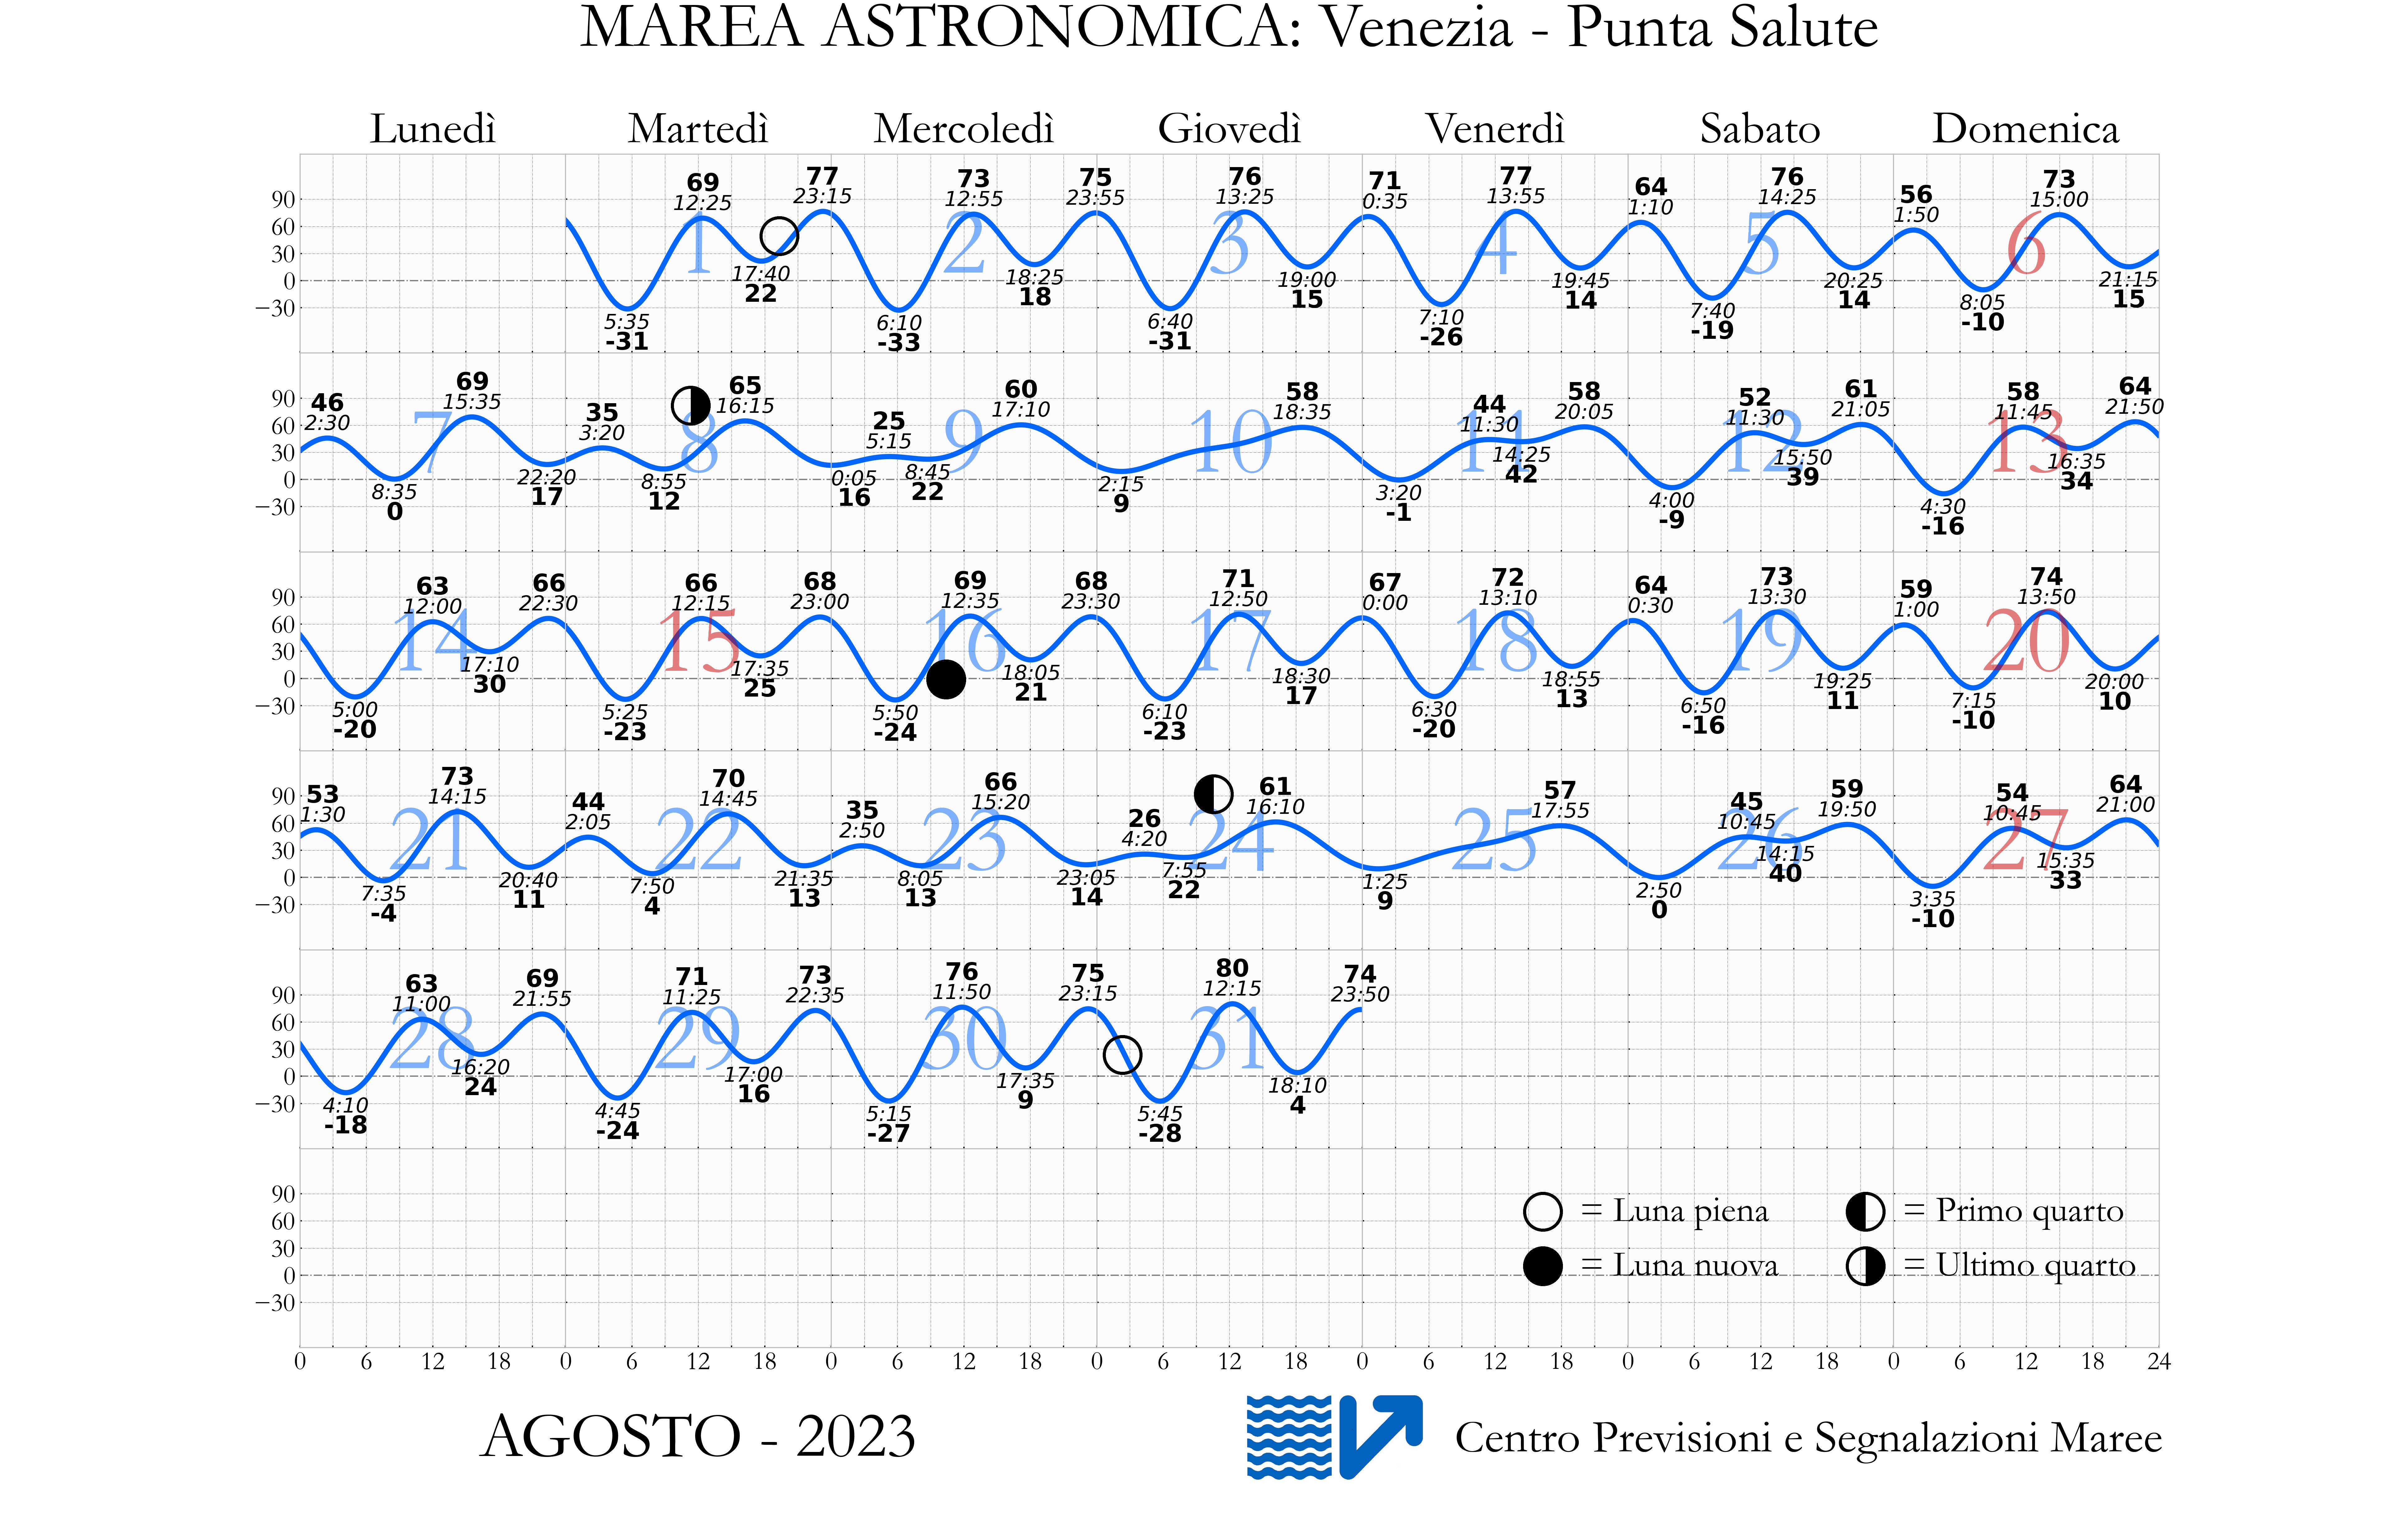 Grafico di Marea Astronomica